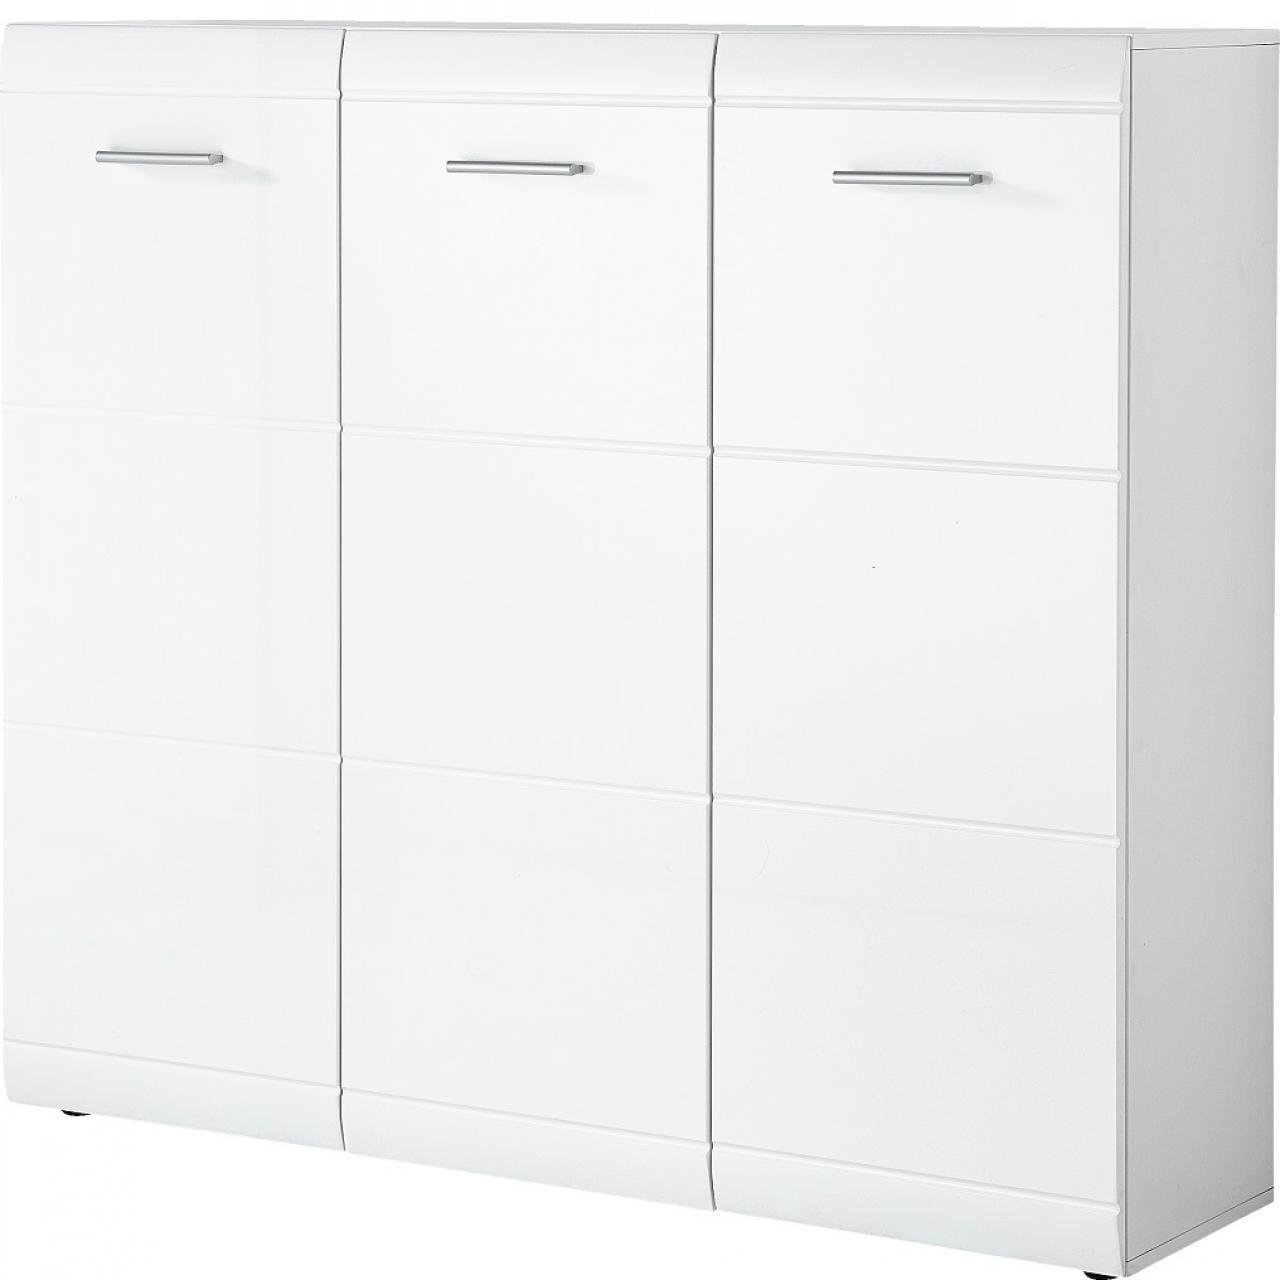 Schuhschrank Adana 3523 Weiß 3 Türen 10 Böden Garderobe Flur Diele Schrank